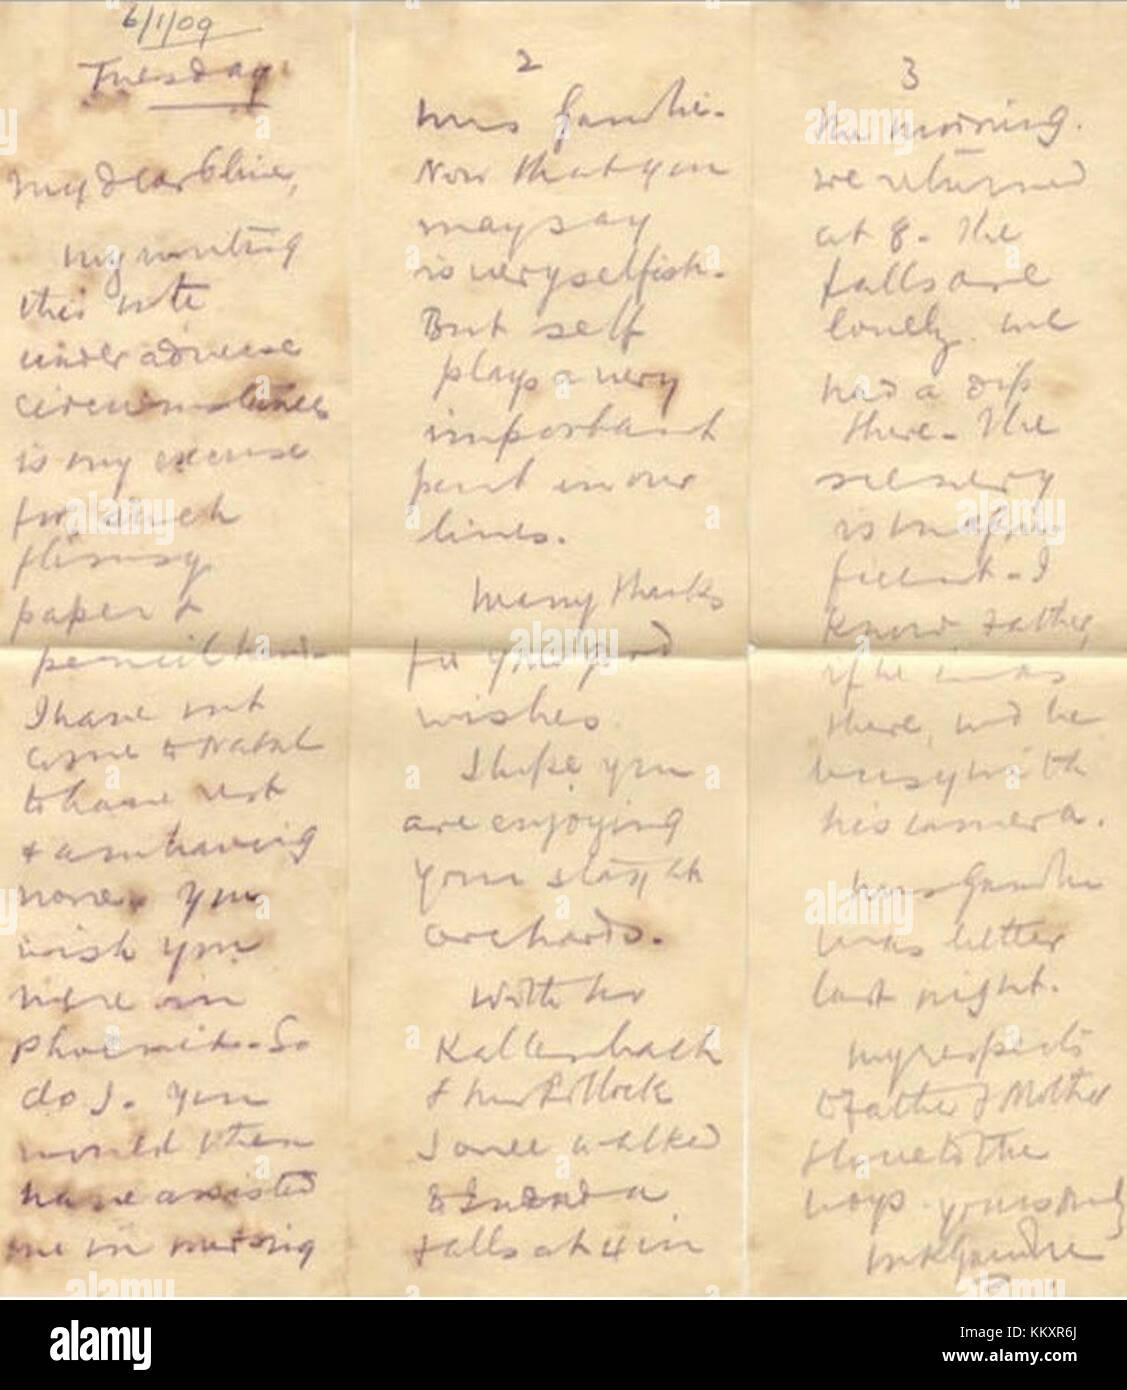 Mkgandhi lettera con la matita indelebile il 6 gennaio 1909 in Sud Africa Immagini Stock